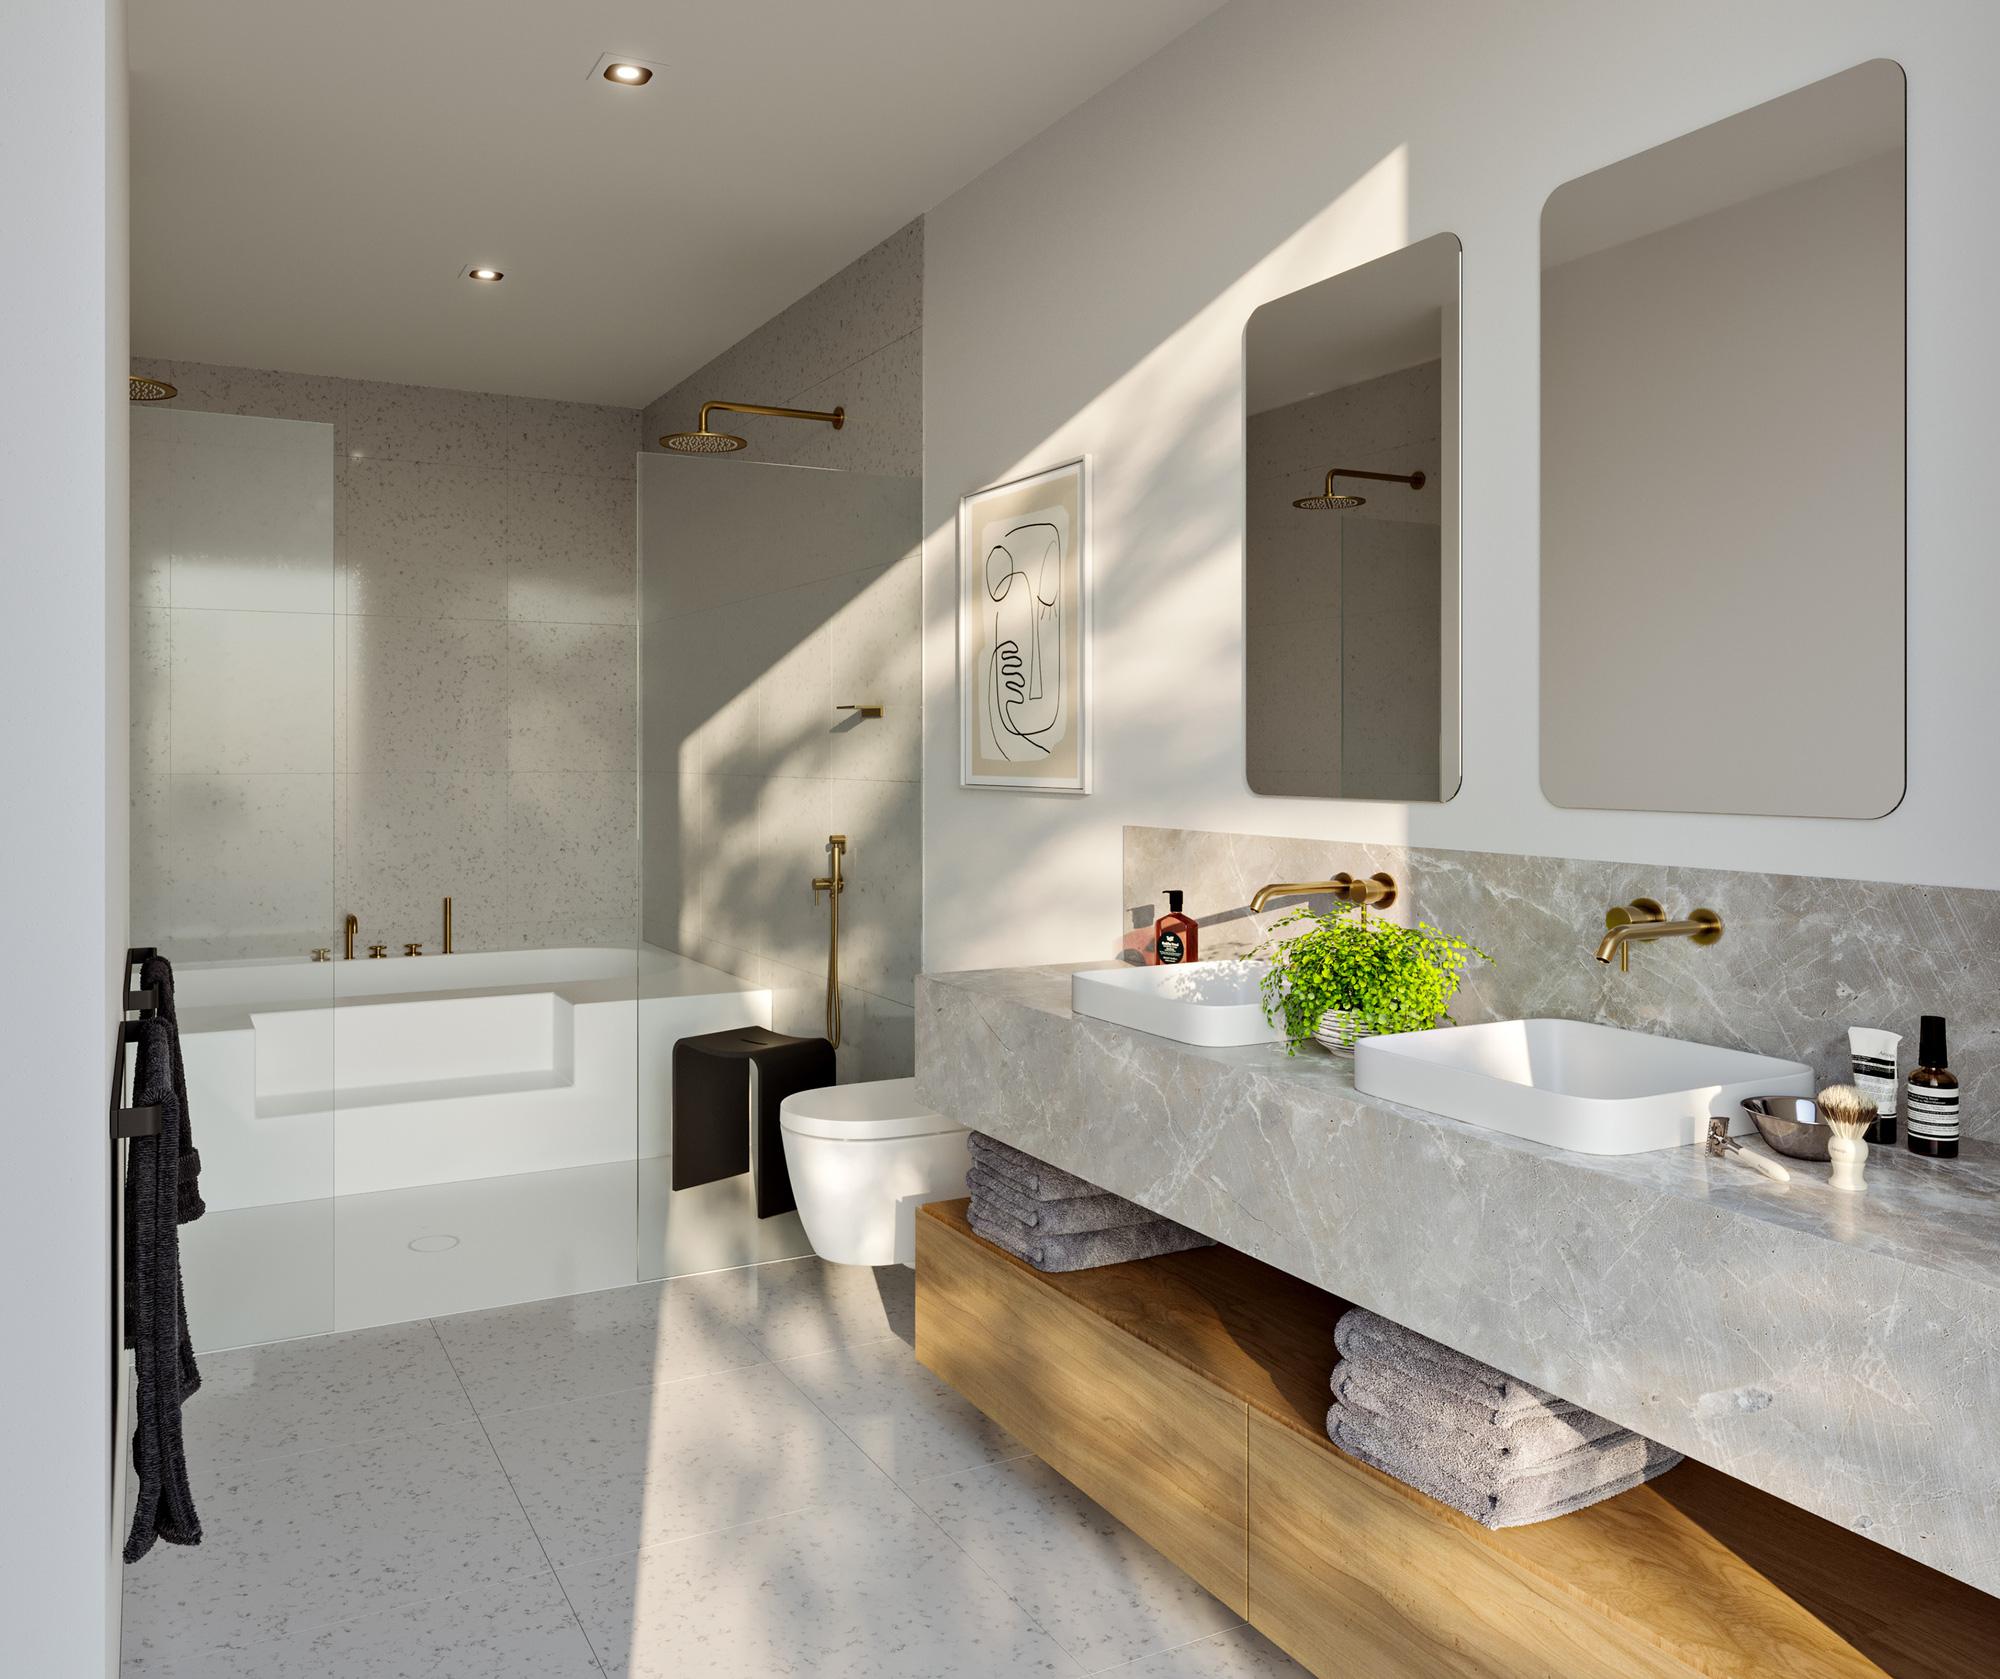 Tư vấn thiết kế nhà cấp 4 diện tích 120m² cho gia đình 6 thành viên chi phí 200 triệu - Ảnh 12.